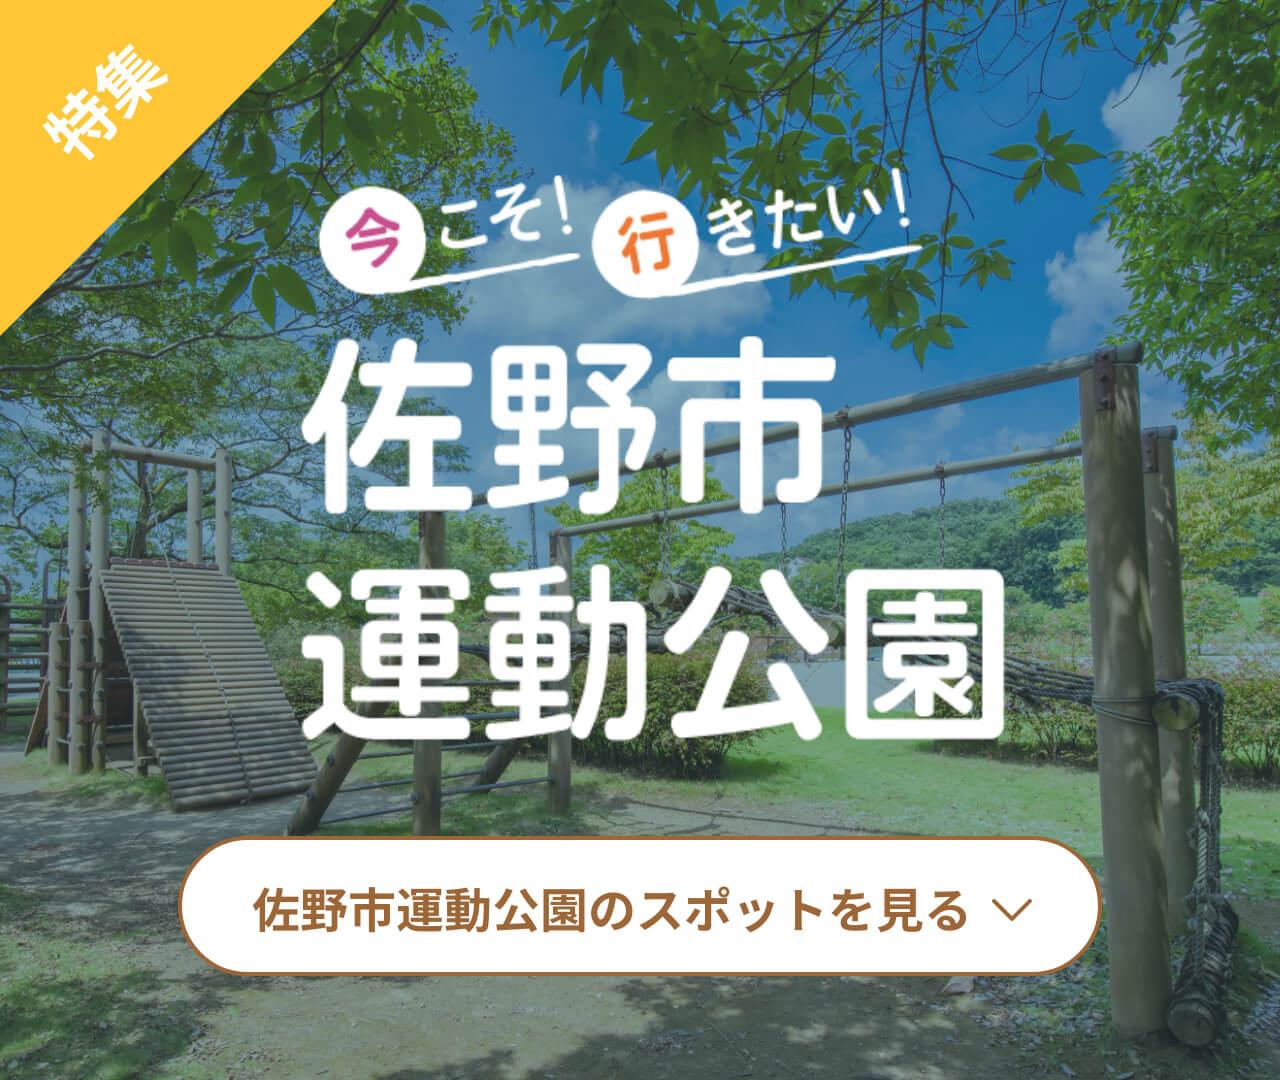 佐野市運動公園のおすすめスポットを見る